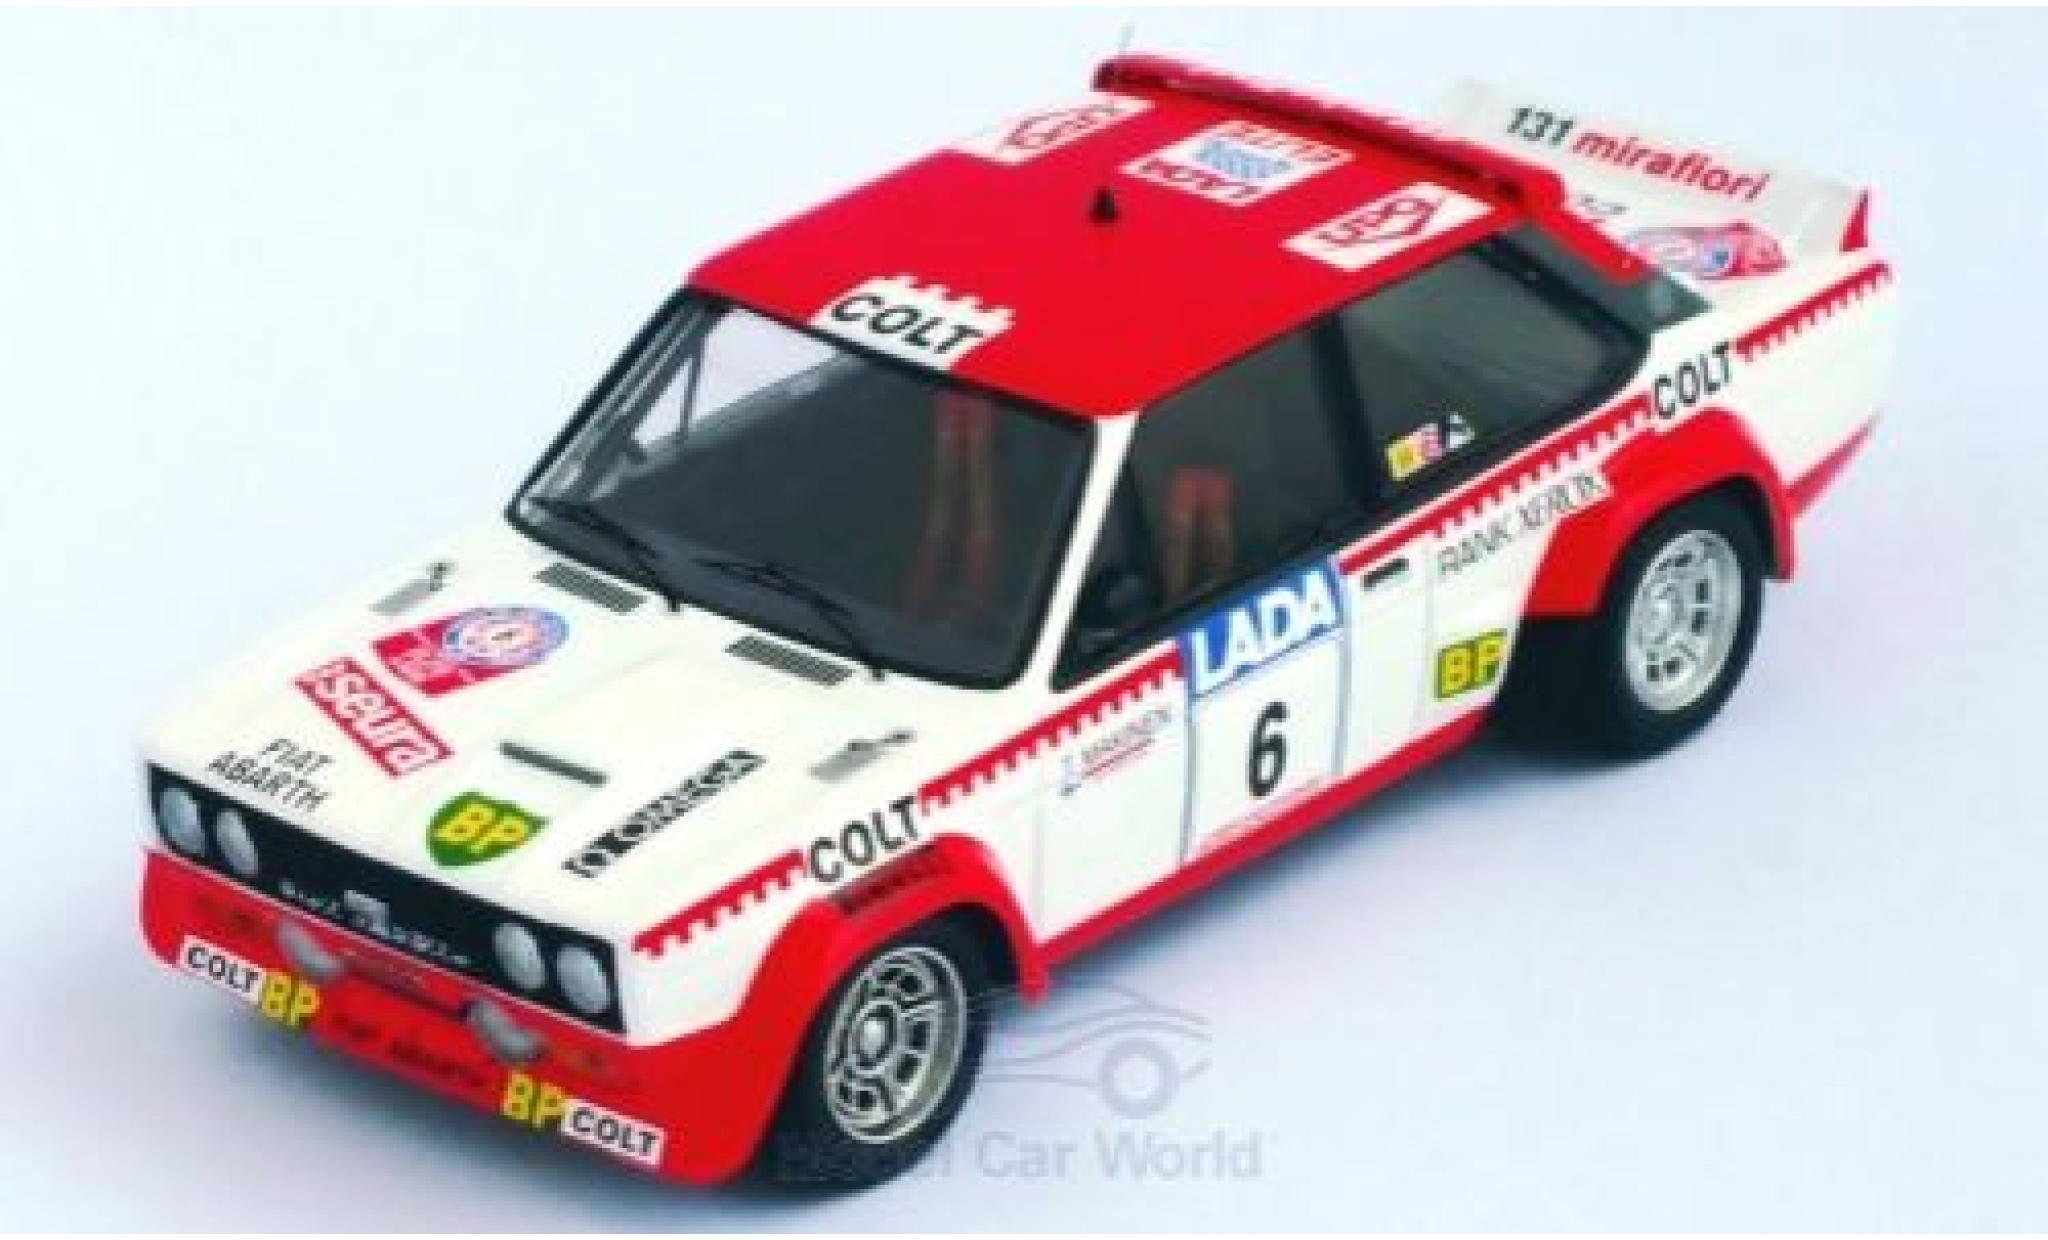 Fiat 131 1/43 Trofeu Abarth No.6 Colt Rallye WM 1000 Lakes Rallye 1977 T.Makinen/H.Liddon